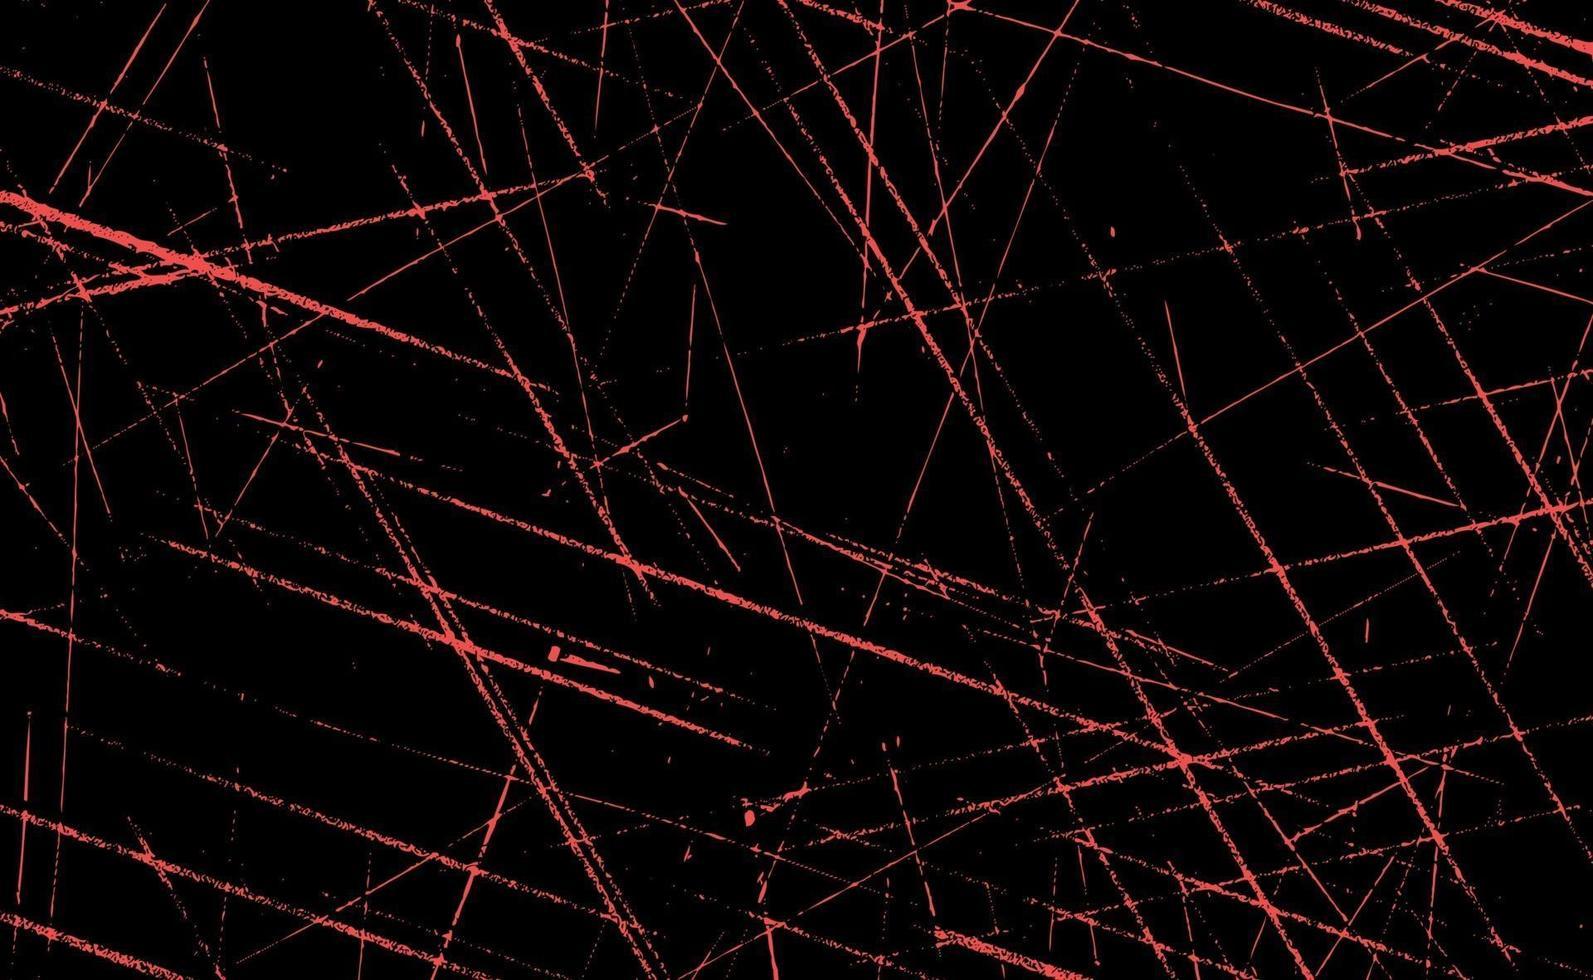 rote Linien und Punkte des Schmutzes auf einem roten Hintergrund - Vektorillustration vektor